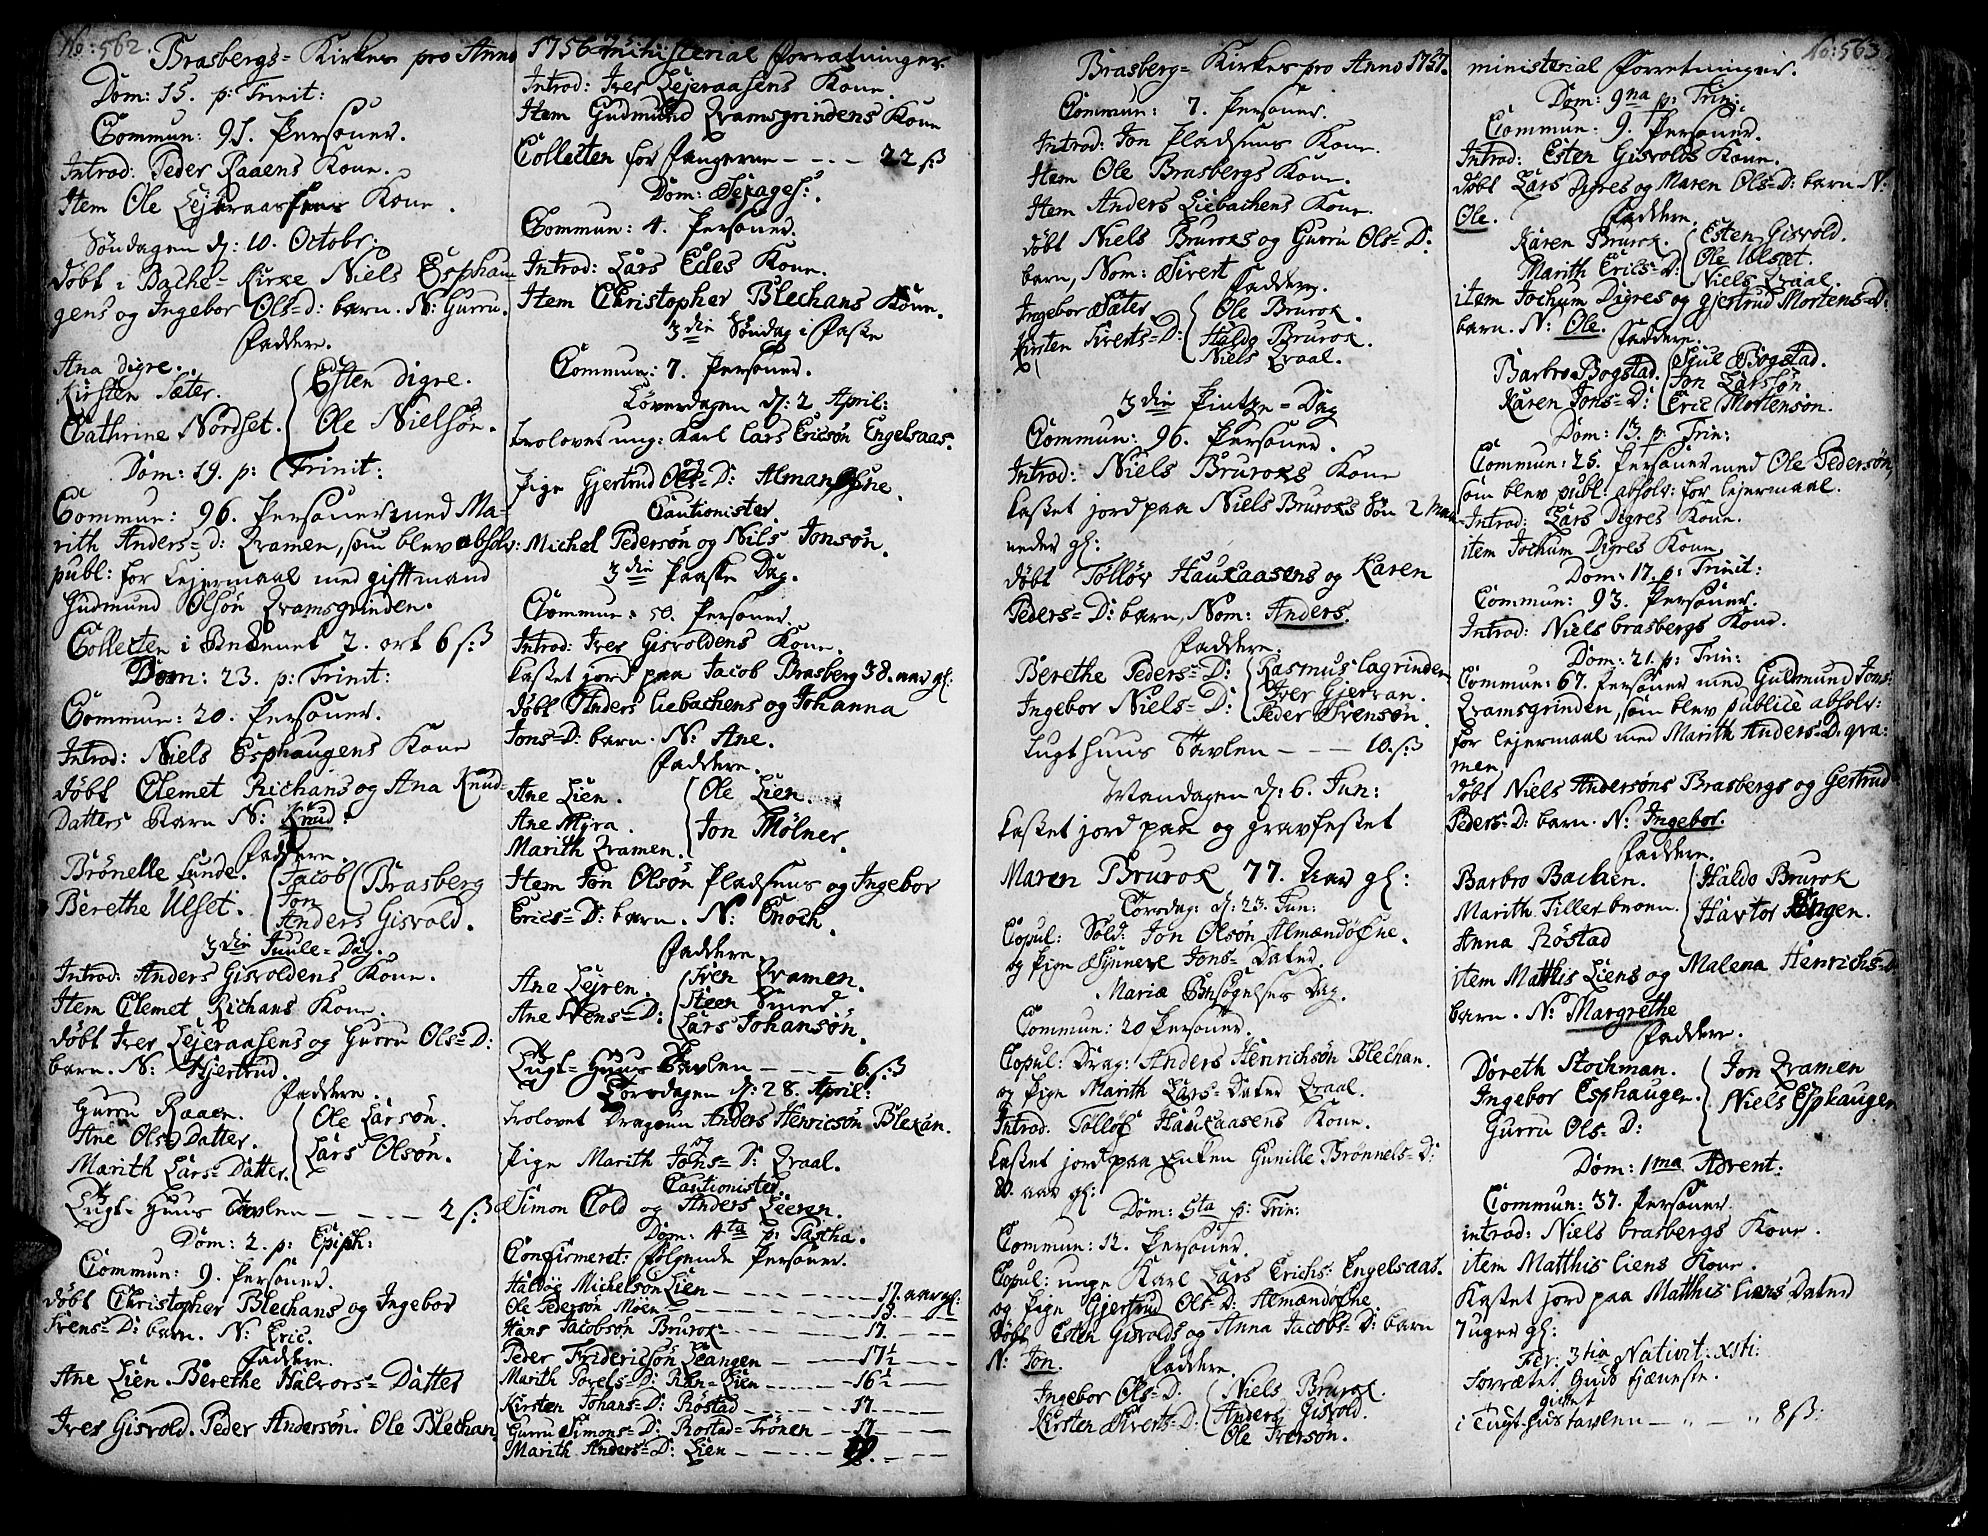 SAT, Ministerialprotokoller, klokkerbøker og fødselsregistre - Sør-Trøndelag, 606/L0278: Ministerialbok nr. 606A01 /4, 1727-1780, s. 562-563